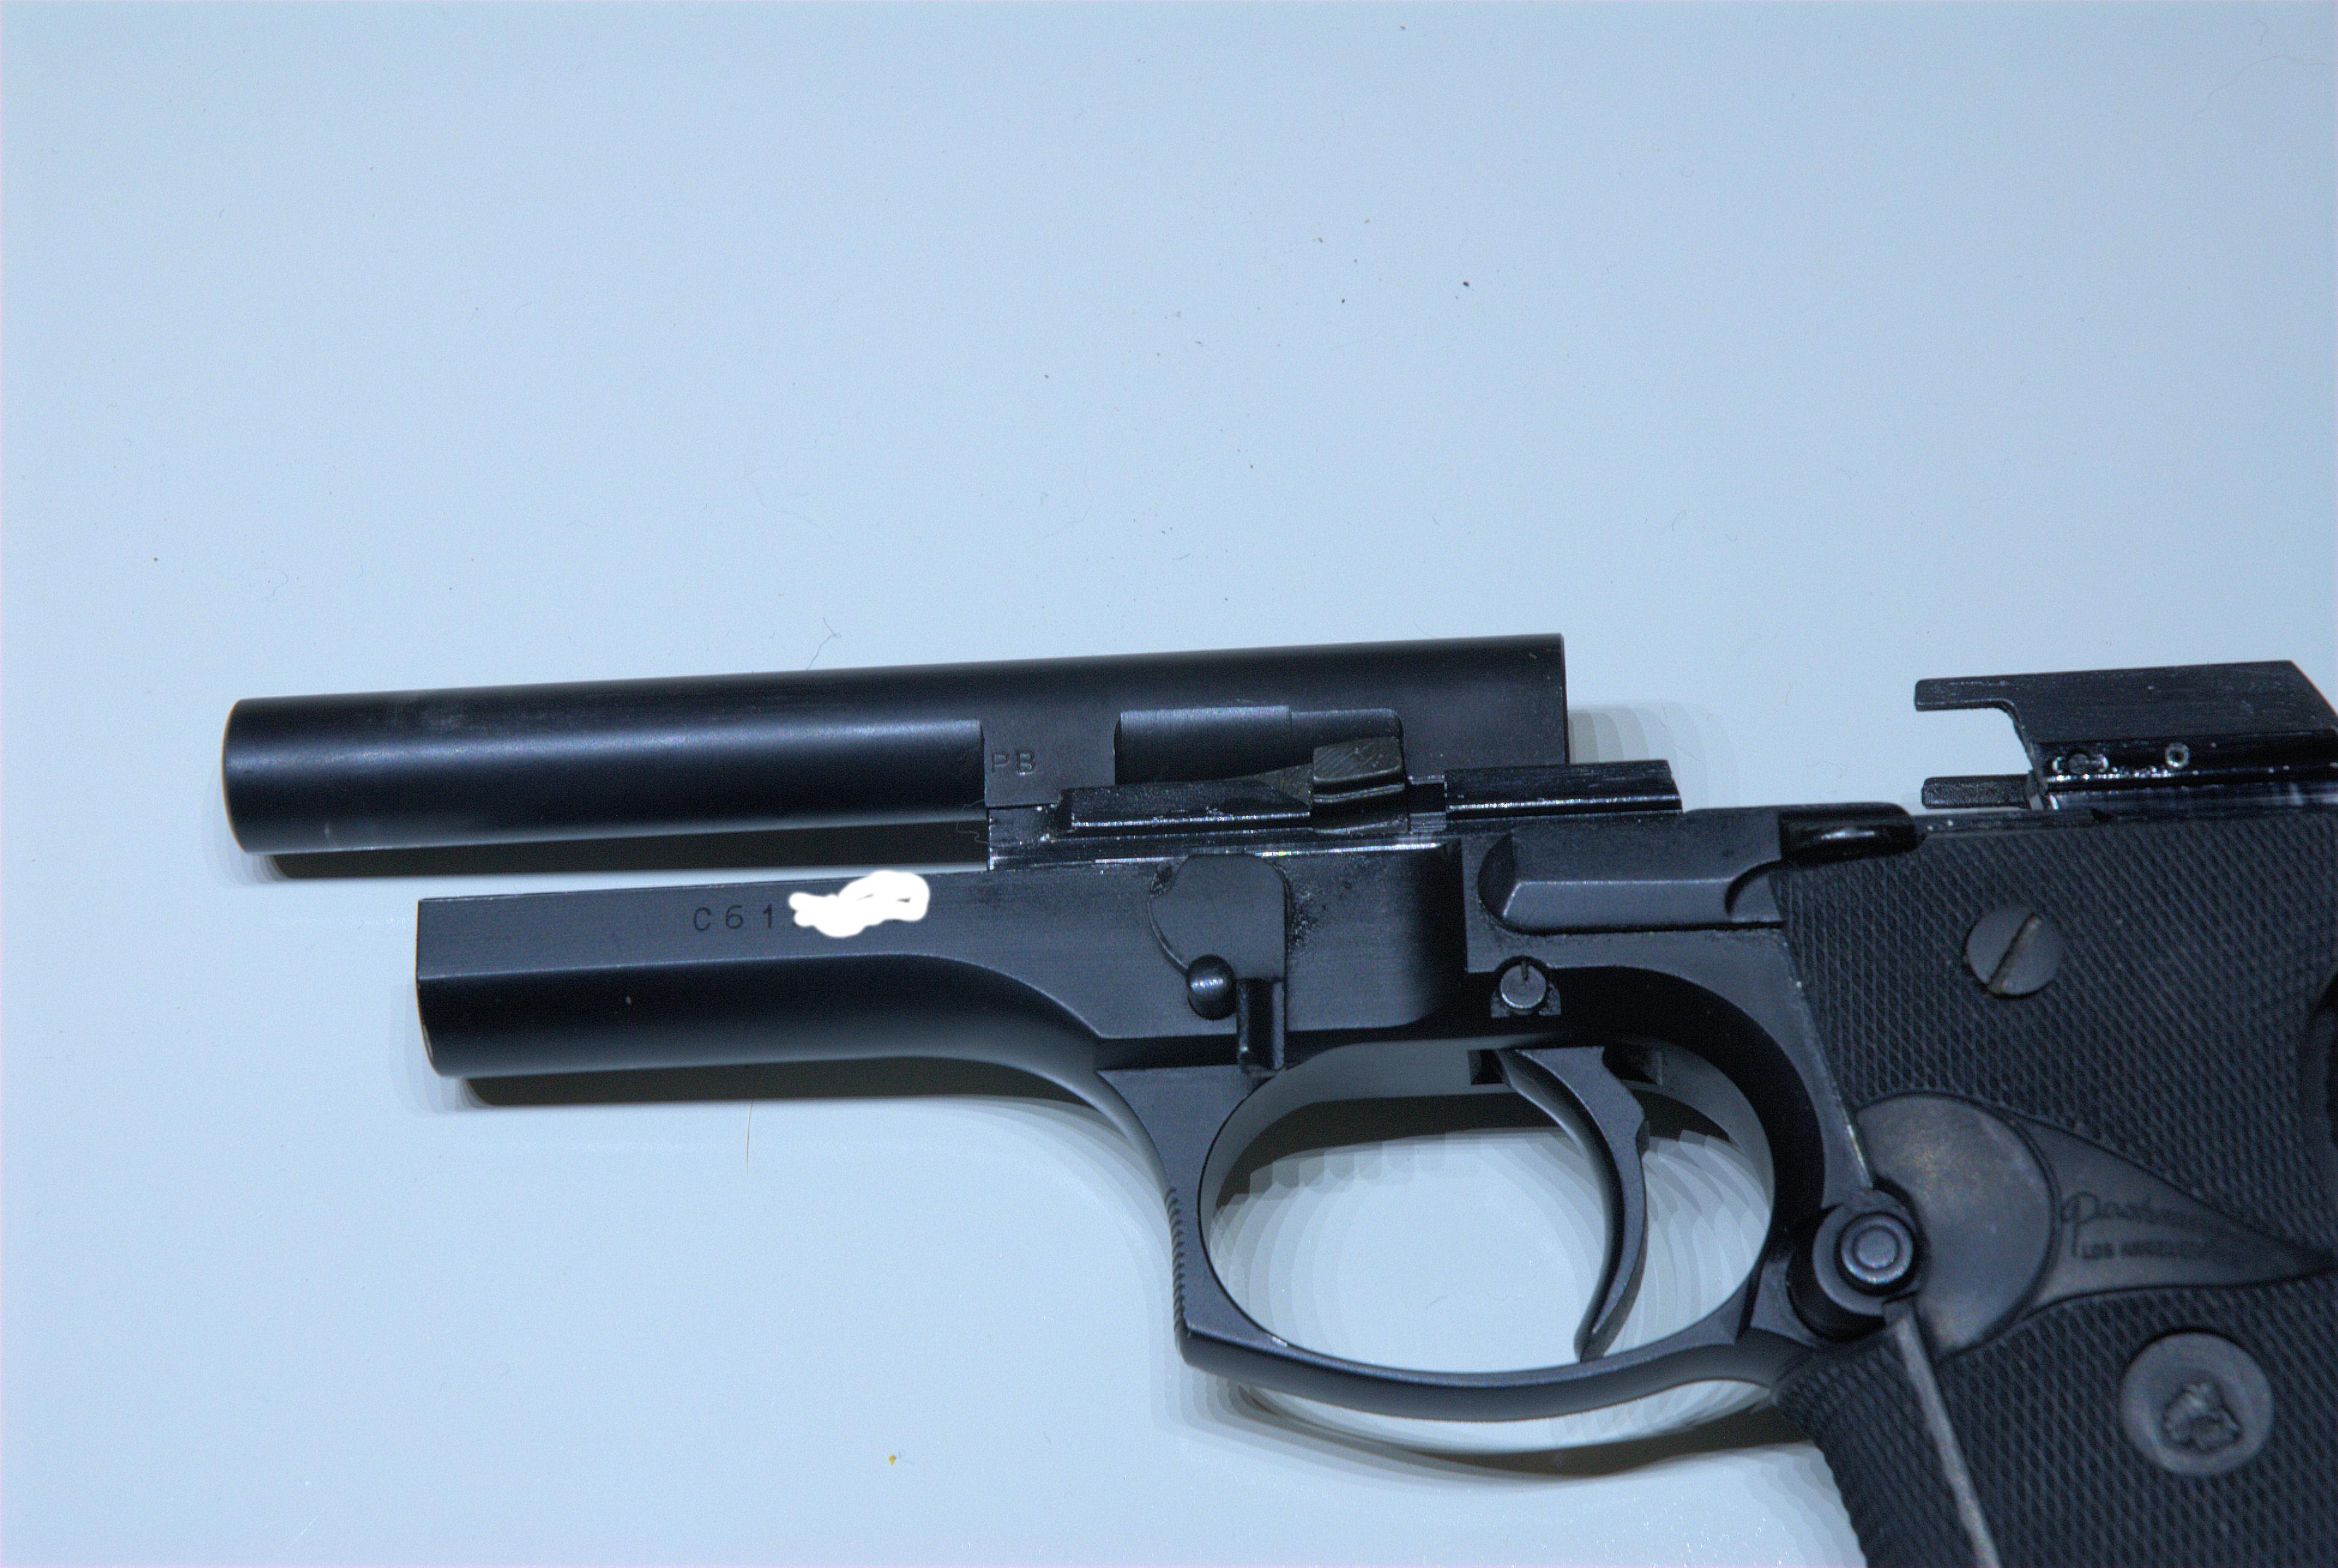 Bar Sto Barrel Review Beretta 92F